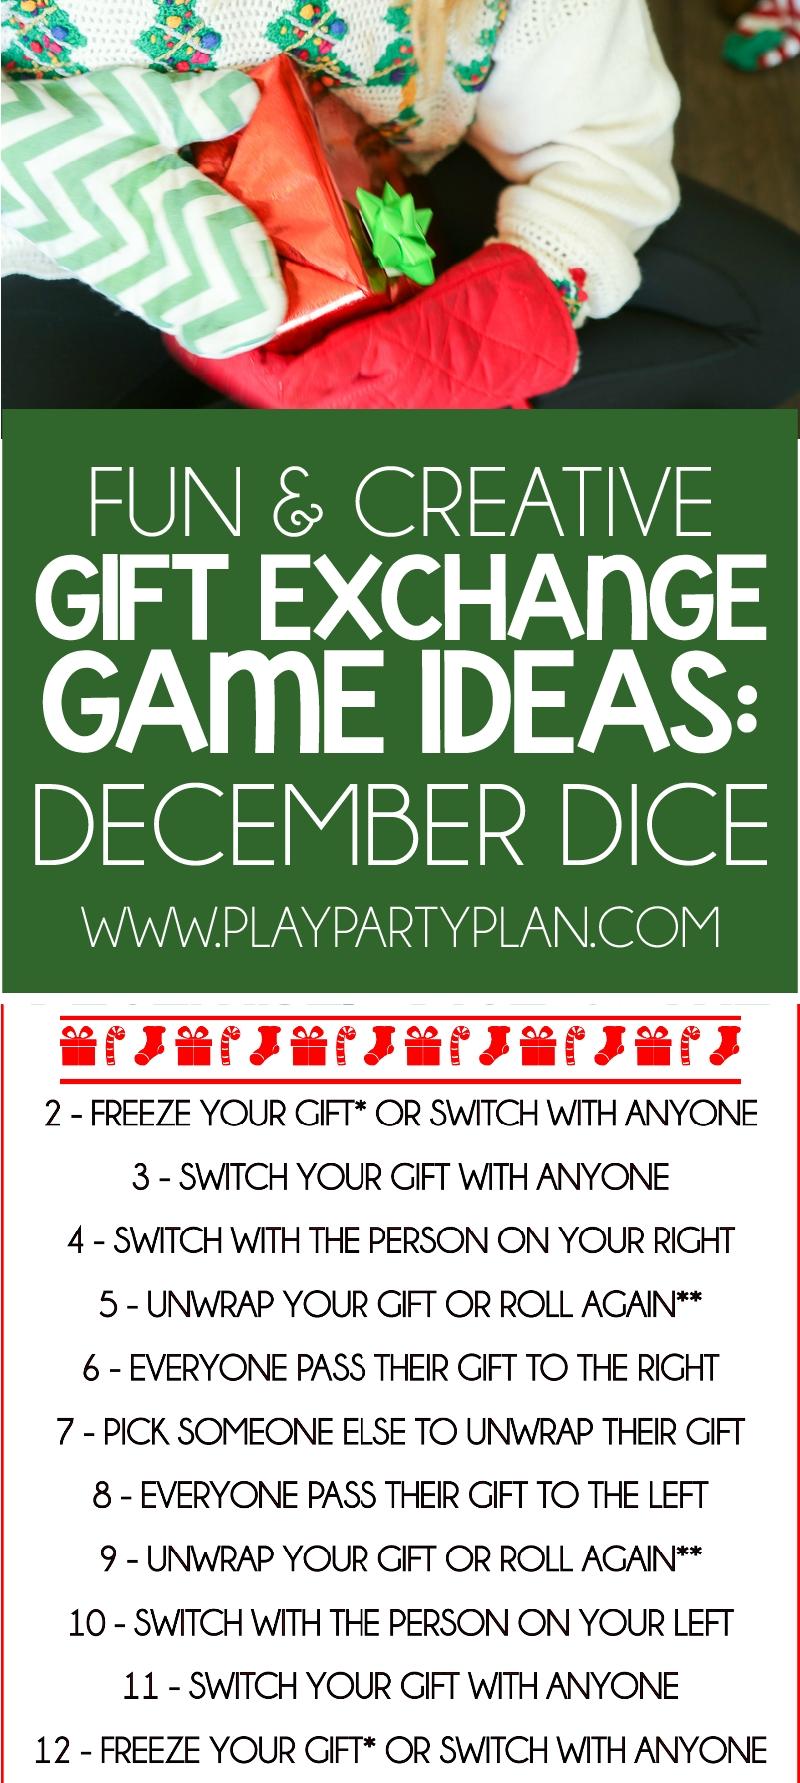 10 Great Creative Christmas Gift Exchange Ideas